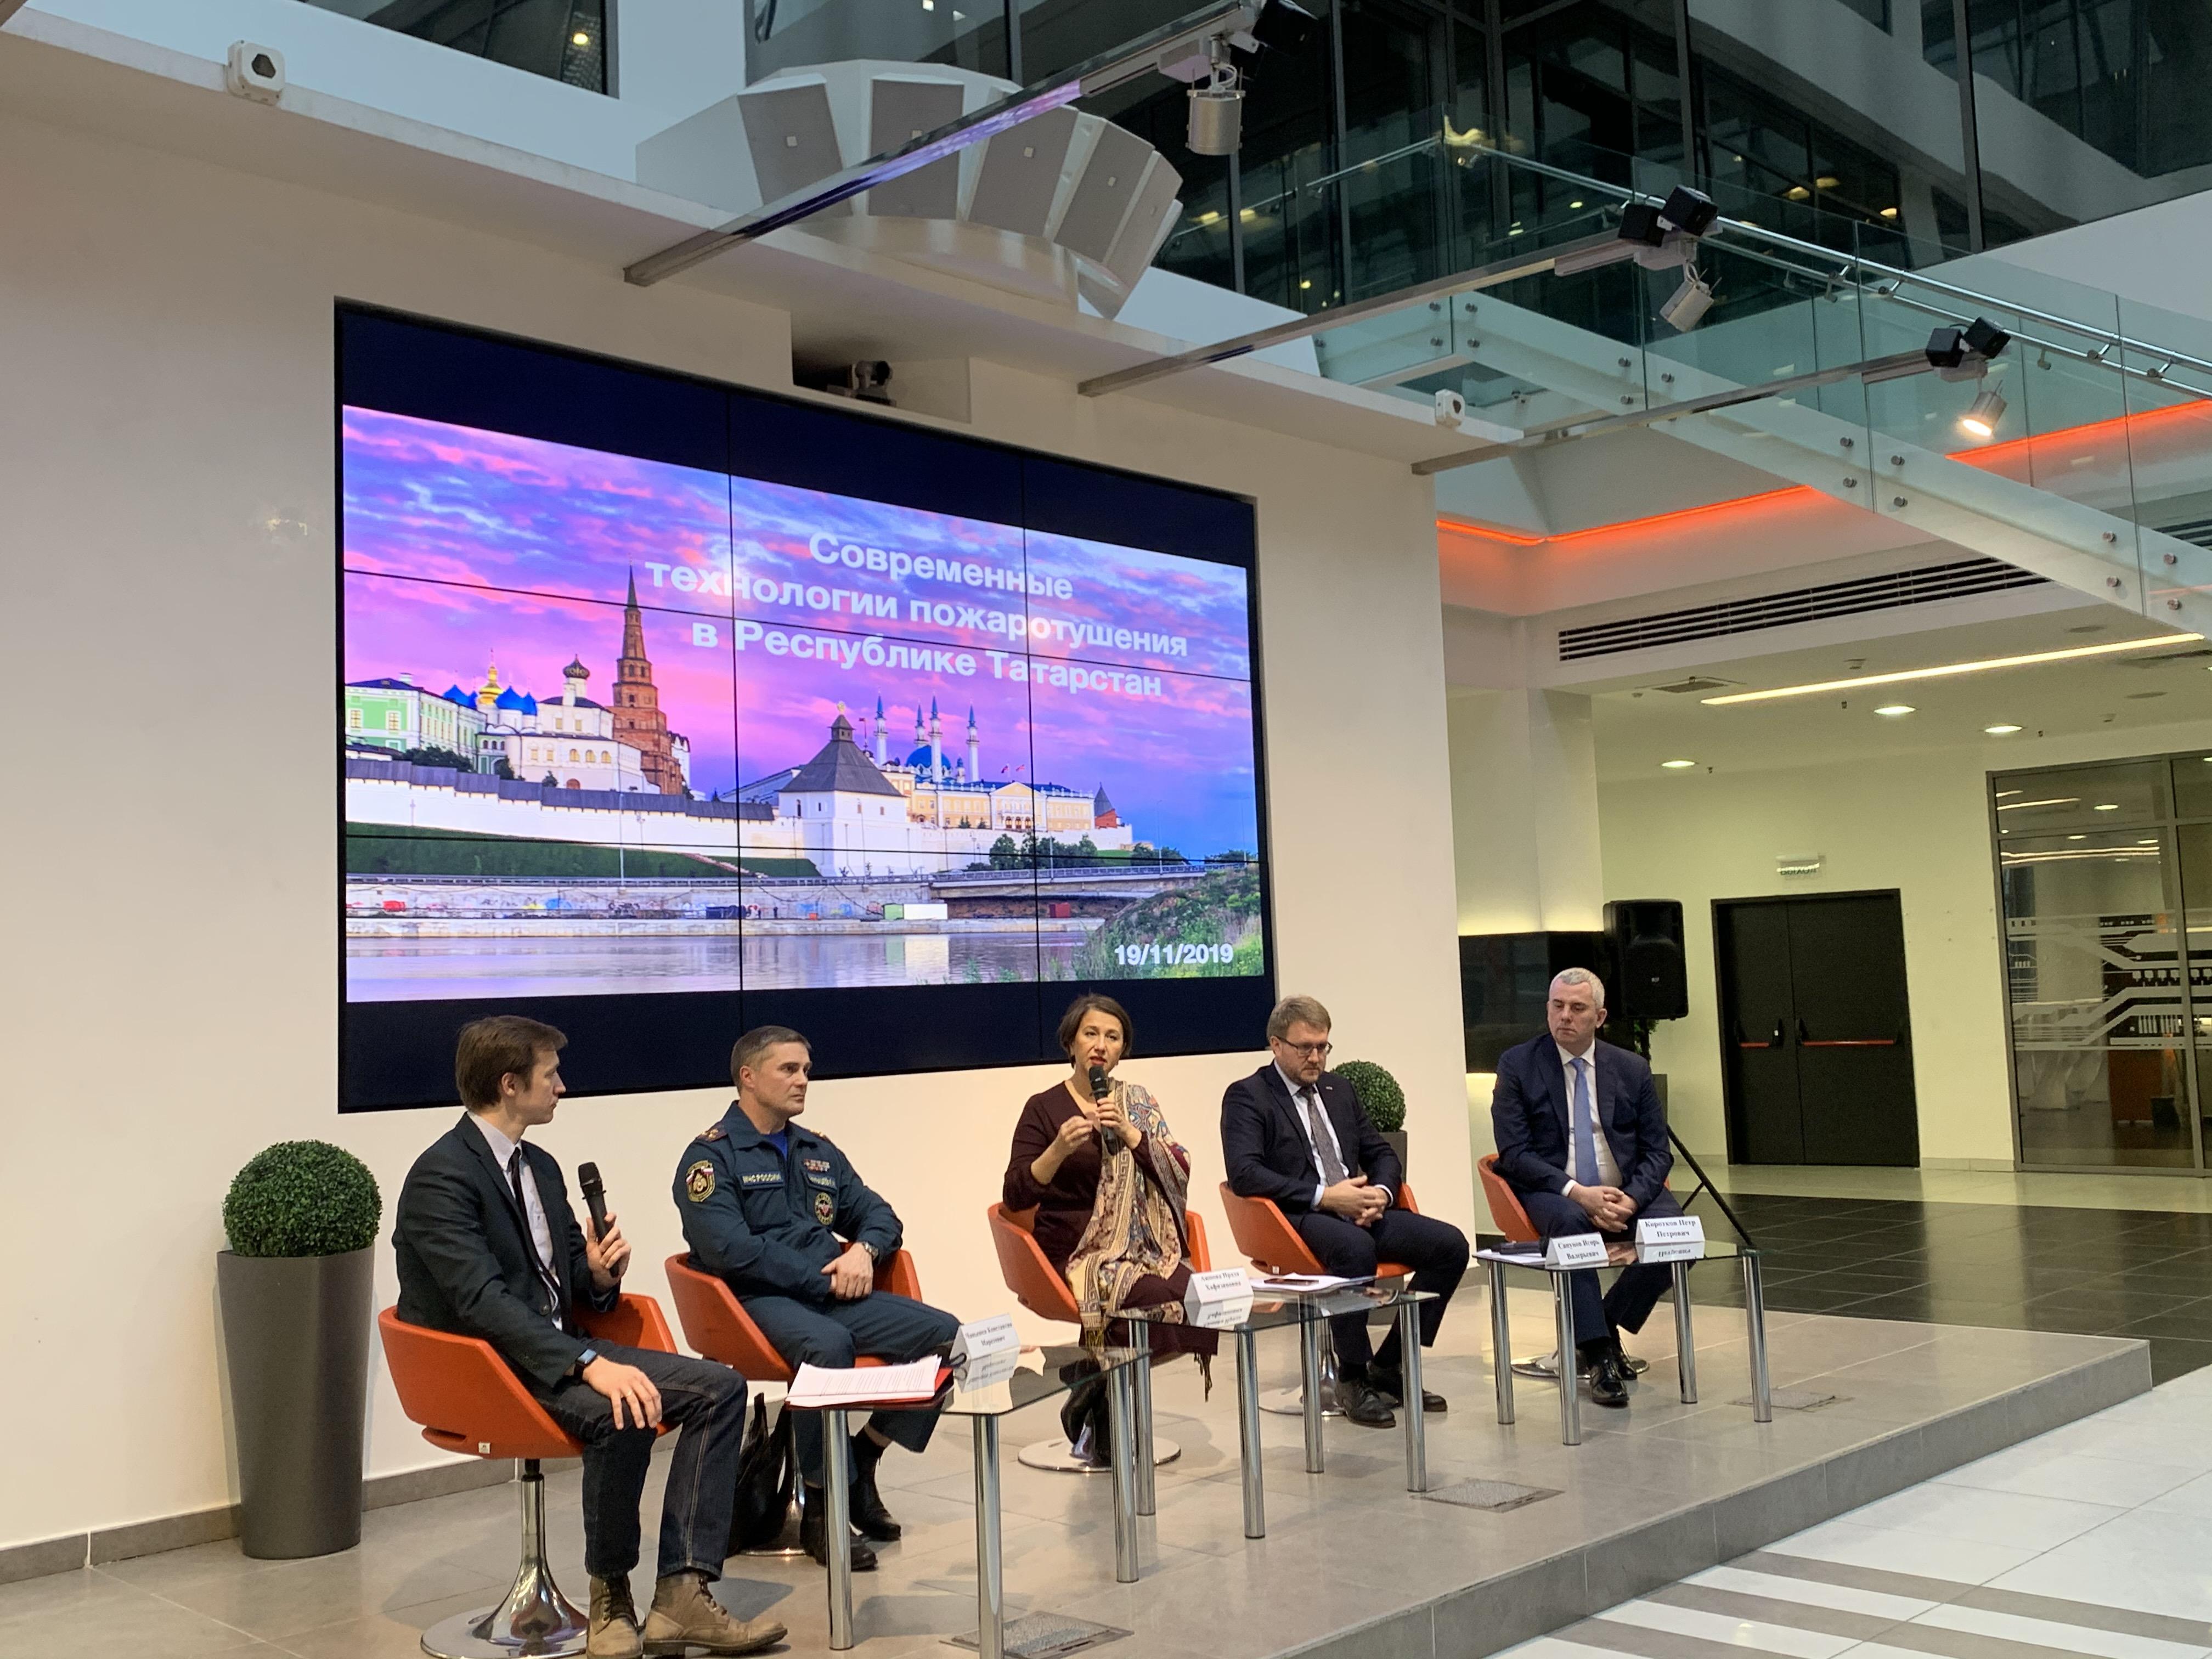 В Казани обсудили вопросы пожарной защиты важнейших объектов Татарстана